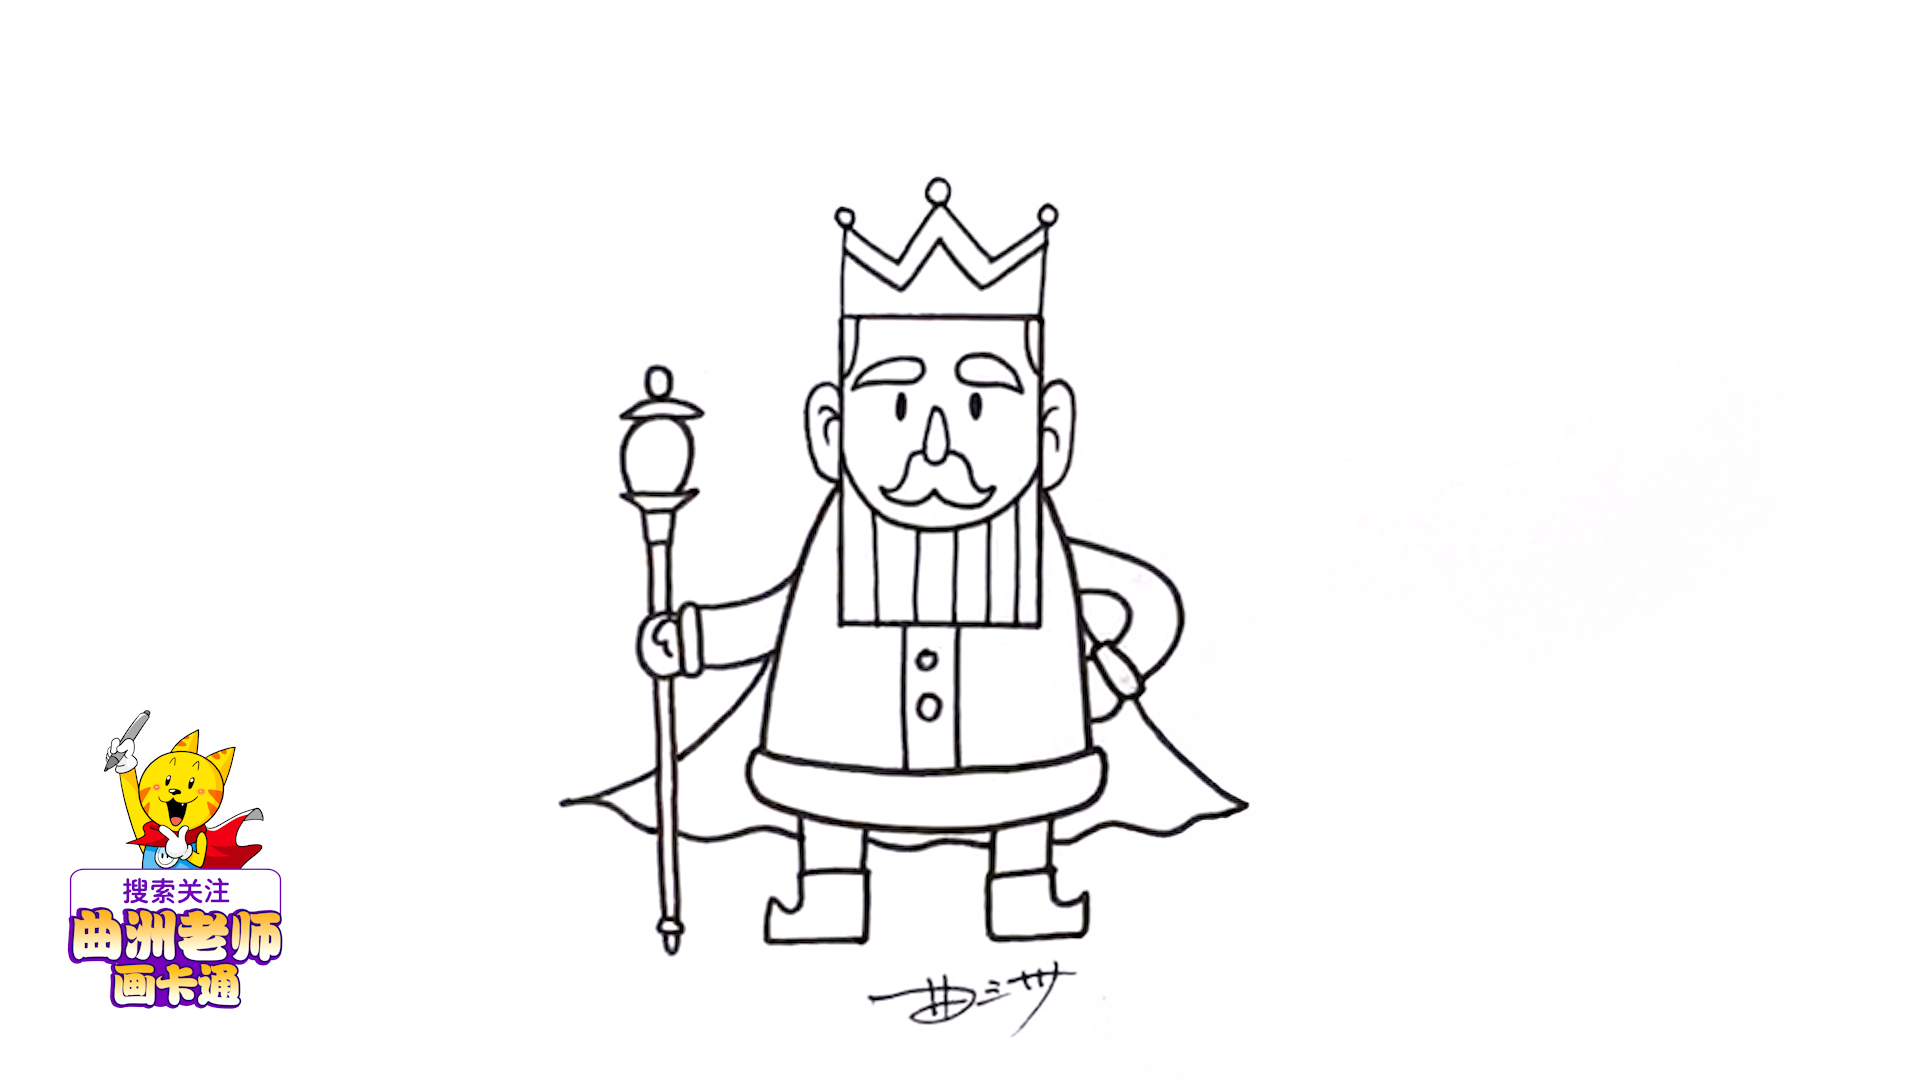 一分钟简笔画,教孩子用长方形画出一位帅气的国王